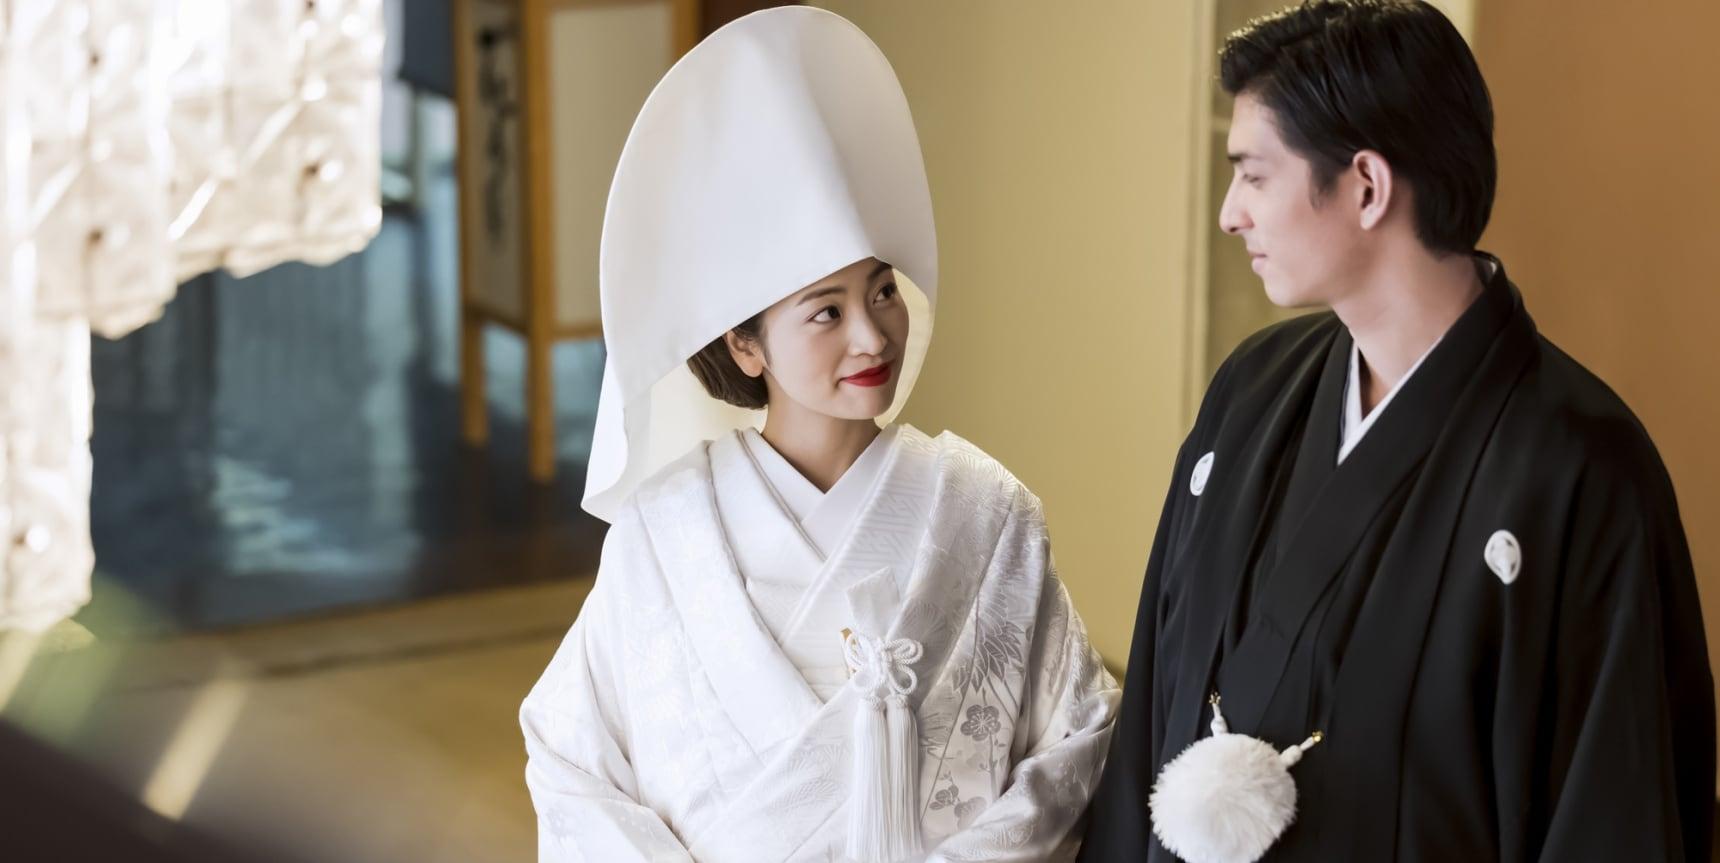 """深度日本:嫁人后也住娘家?""""三下半""""你怕不怕?揭秘日本人的婚姻史"""